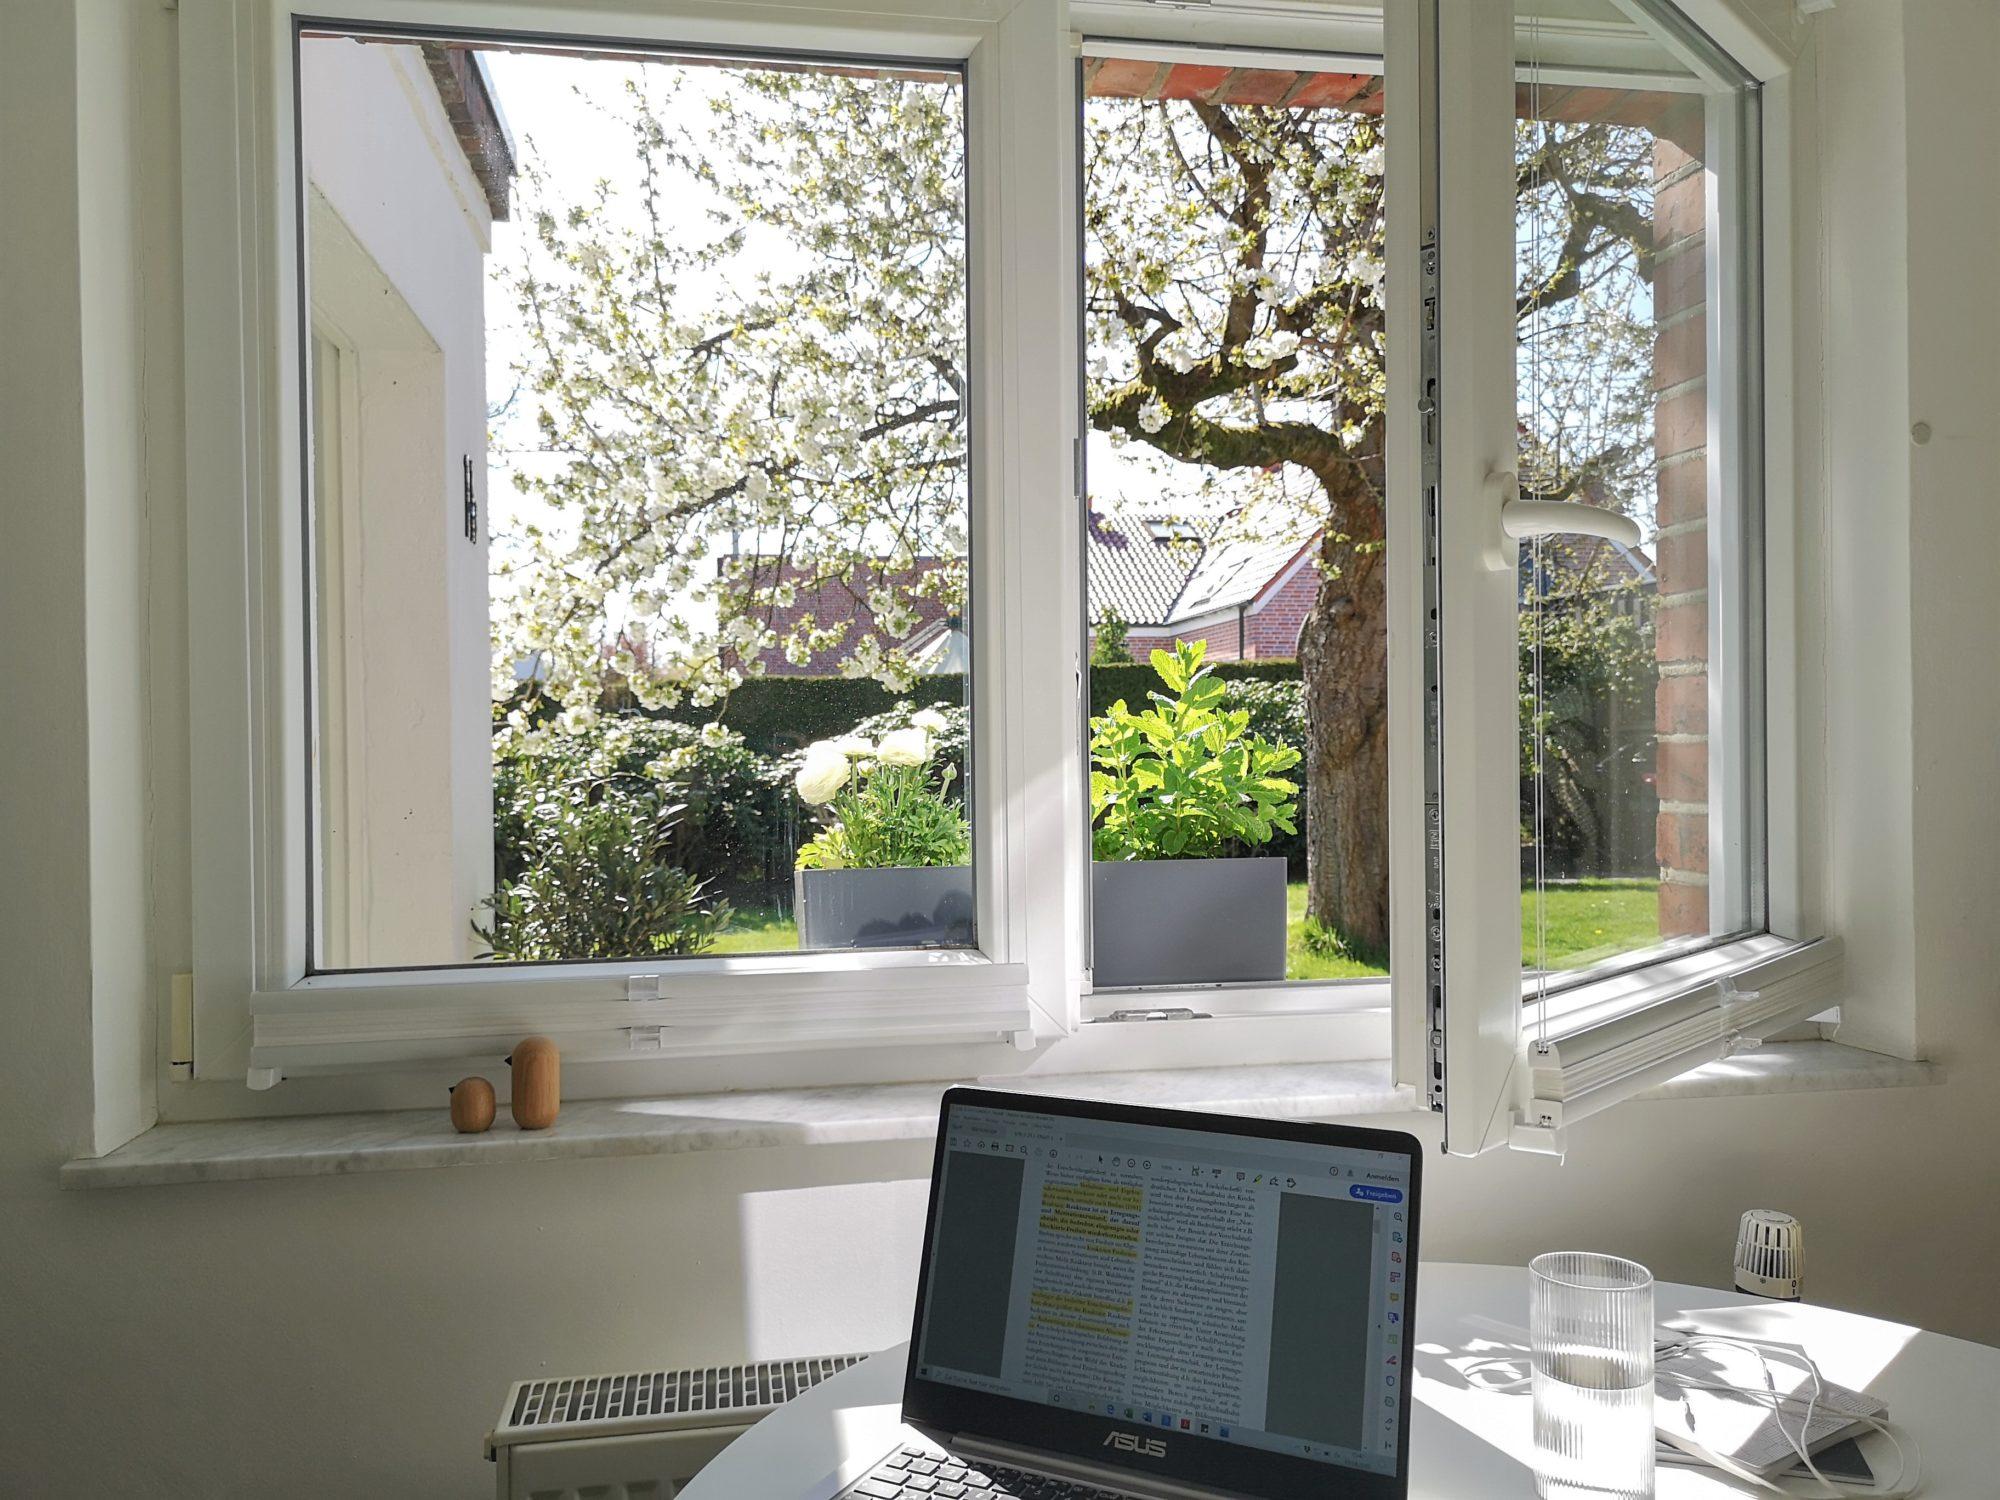 Blick aus dem Fenster - Aussicht auf den Garten mit Kirschbaum